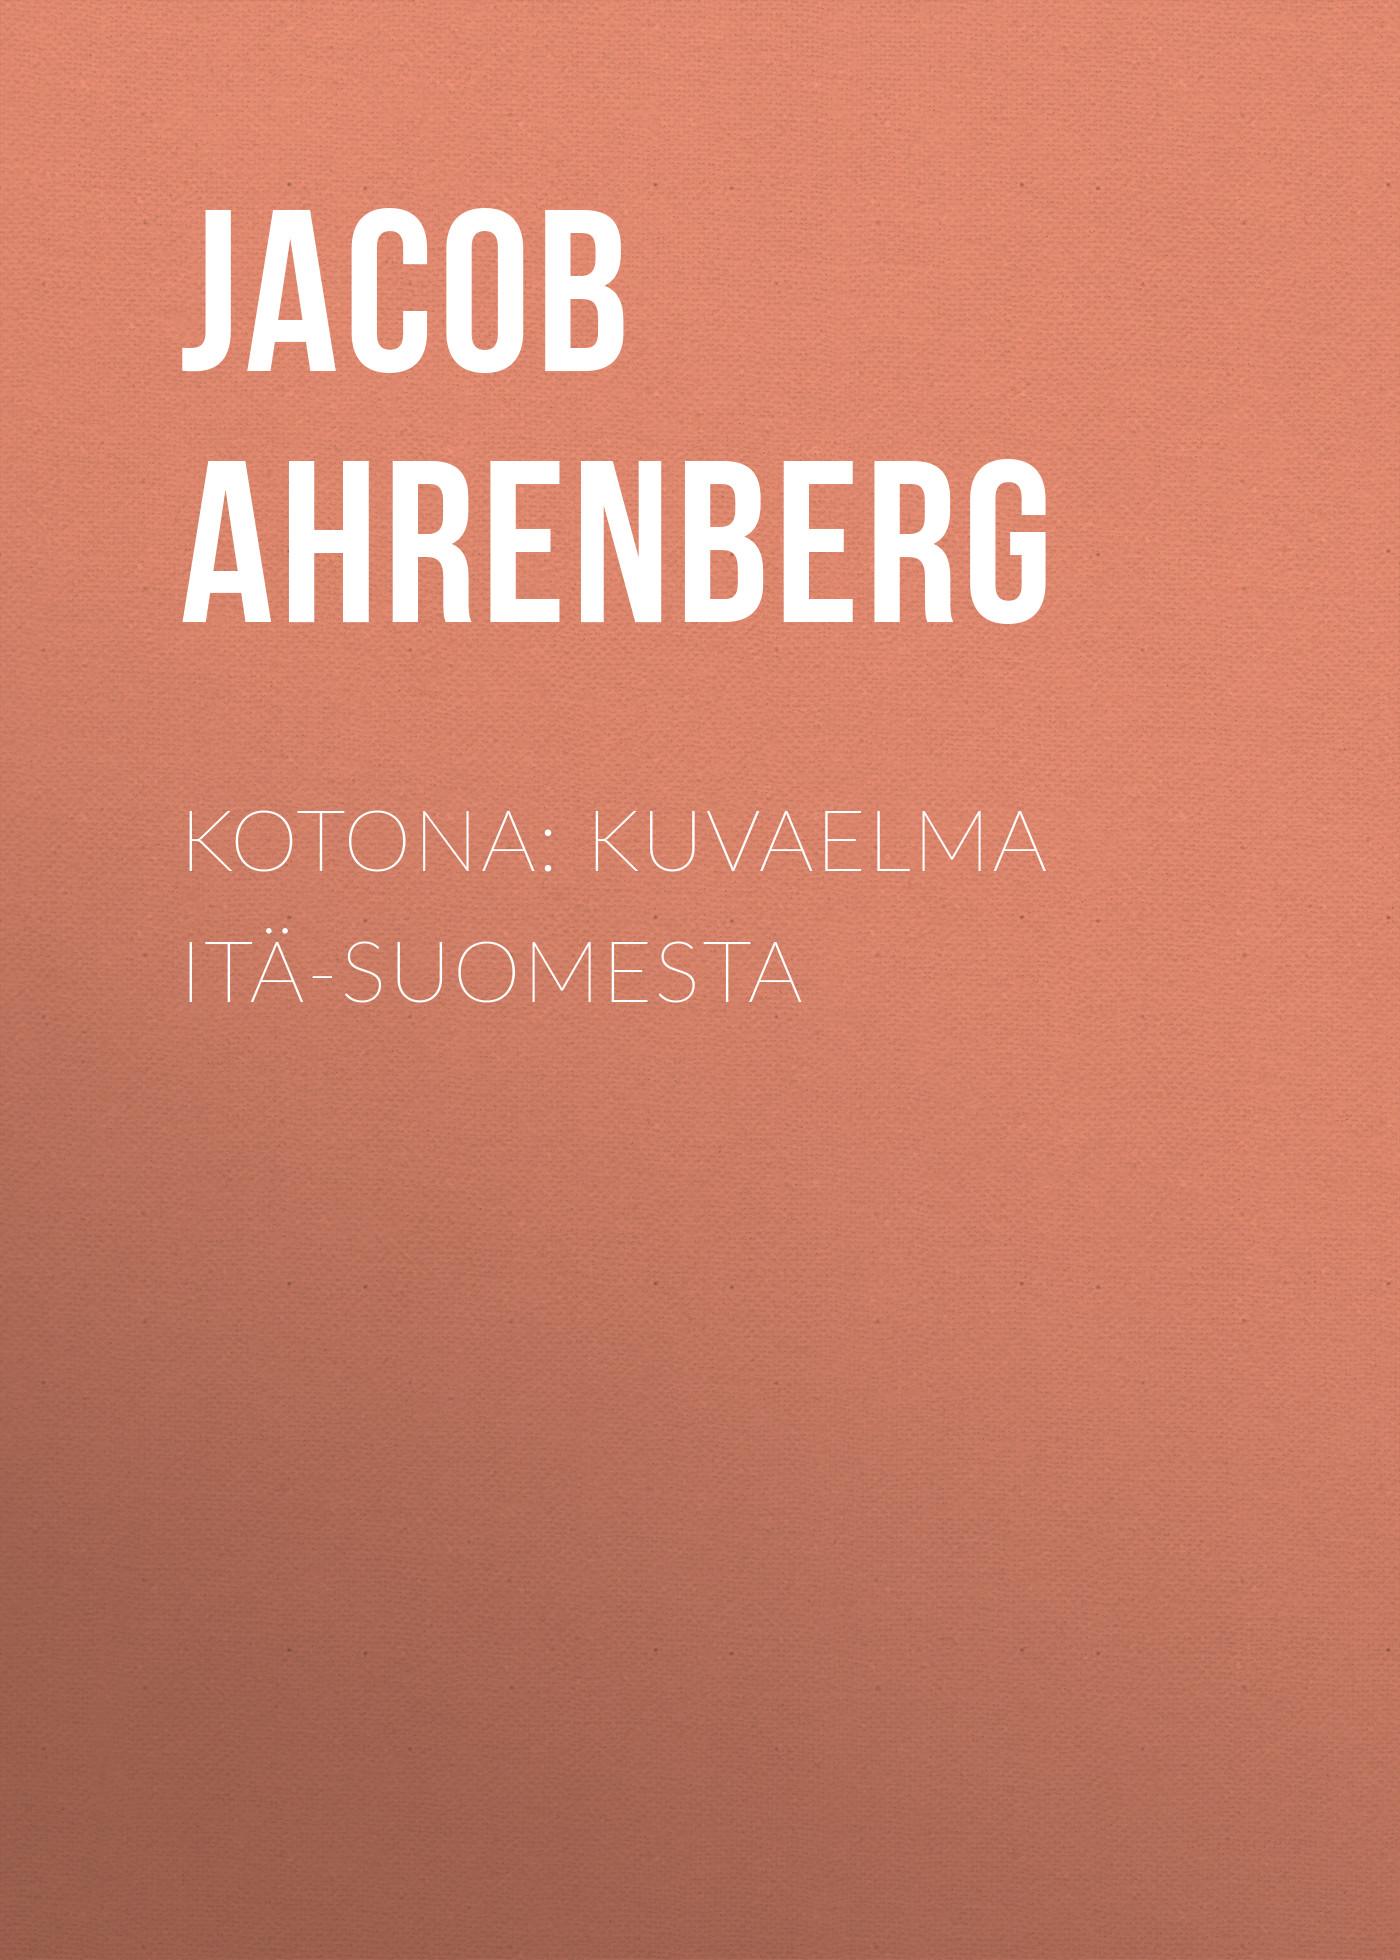 Jacob Ahrenberg Kotona: Kuvaelma Itä-Suomesta jacob ahrenberg hihhuleita kuvauksia ita suomesta finnish edition